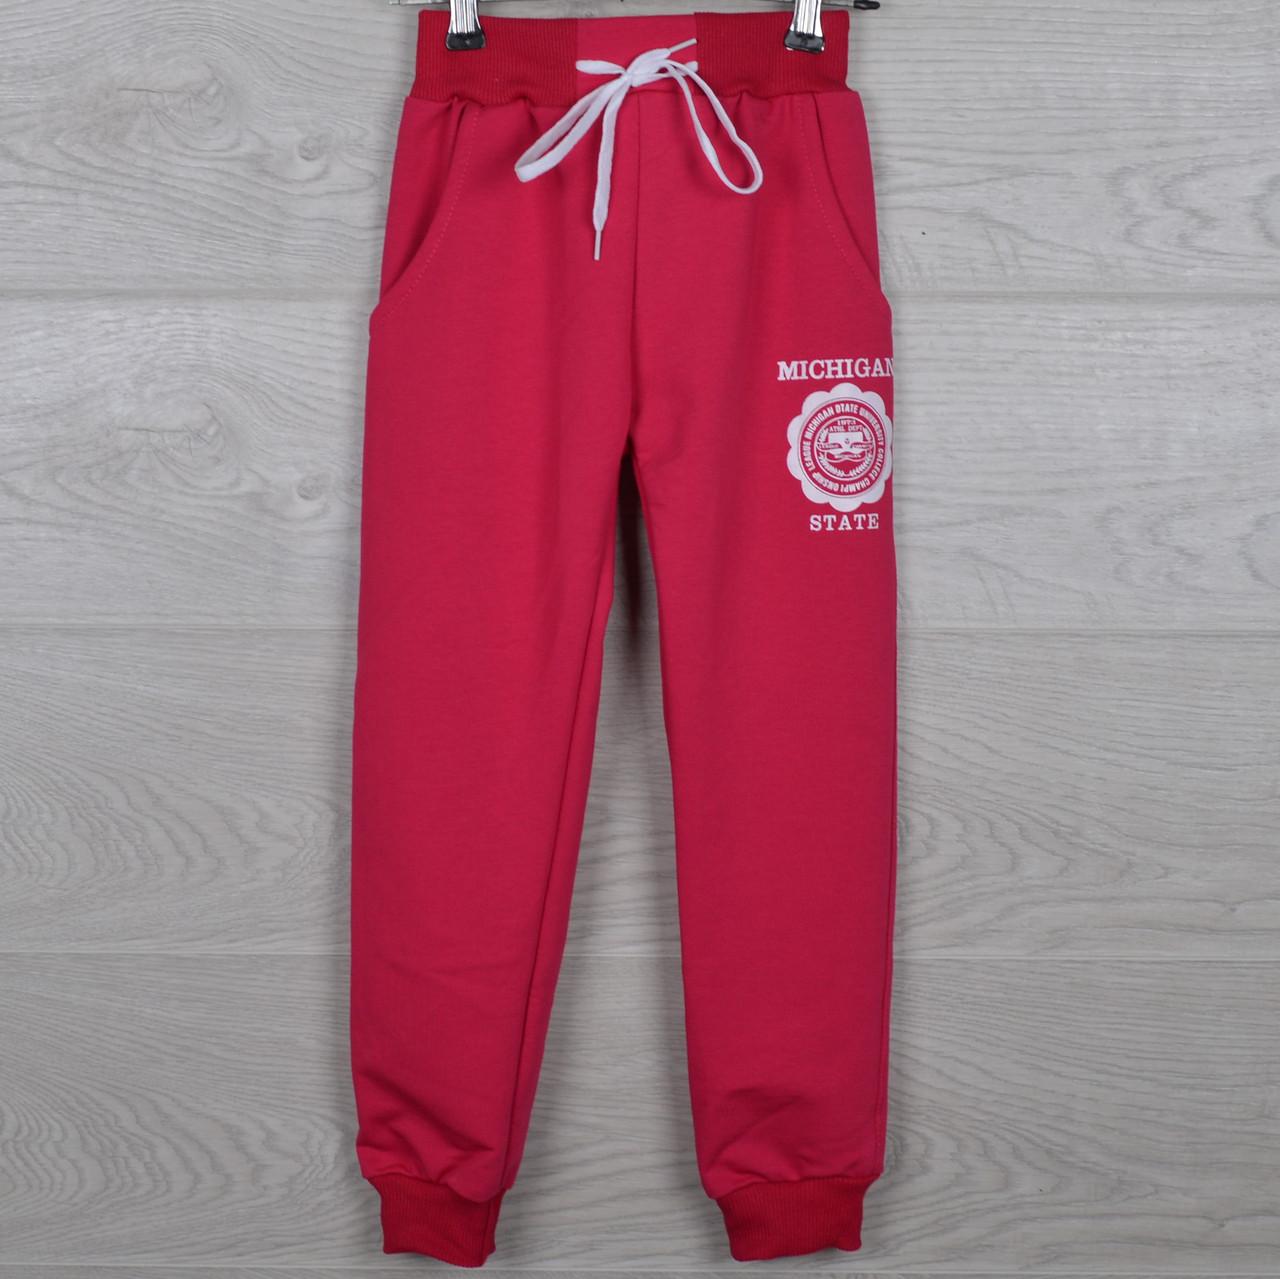 """Спортивные штаны детские """"Michigan State"""" 5-6-7-8-9 лет (110-134 см). Розовые. Оптом"""